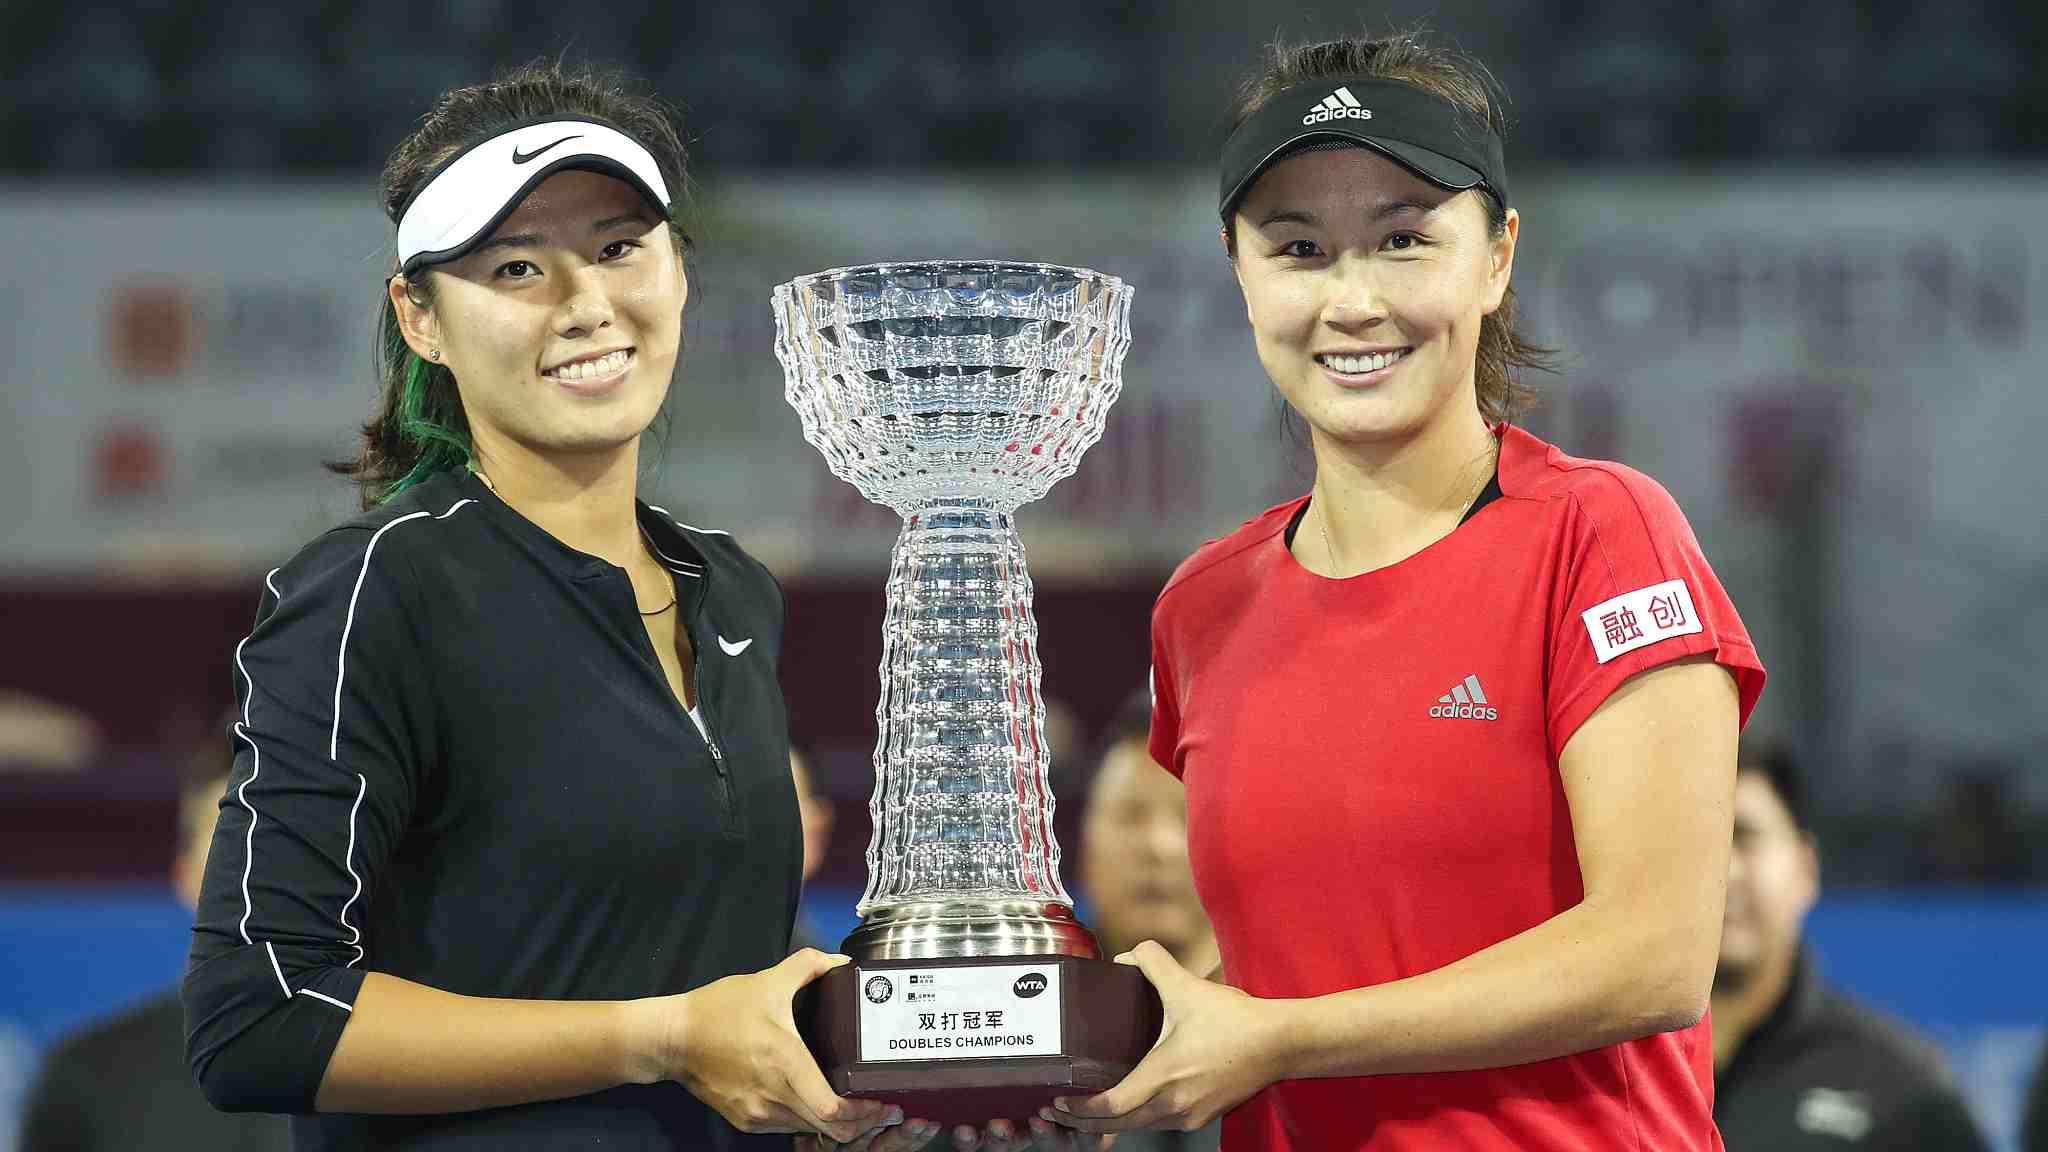 China's Peng Shuai and Yang Zhaoxuan win Shenzhen Open doubles title